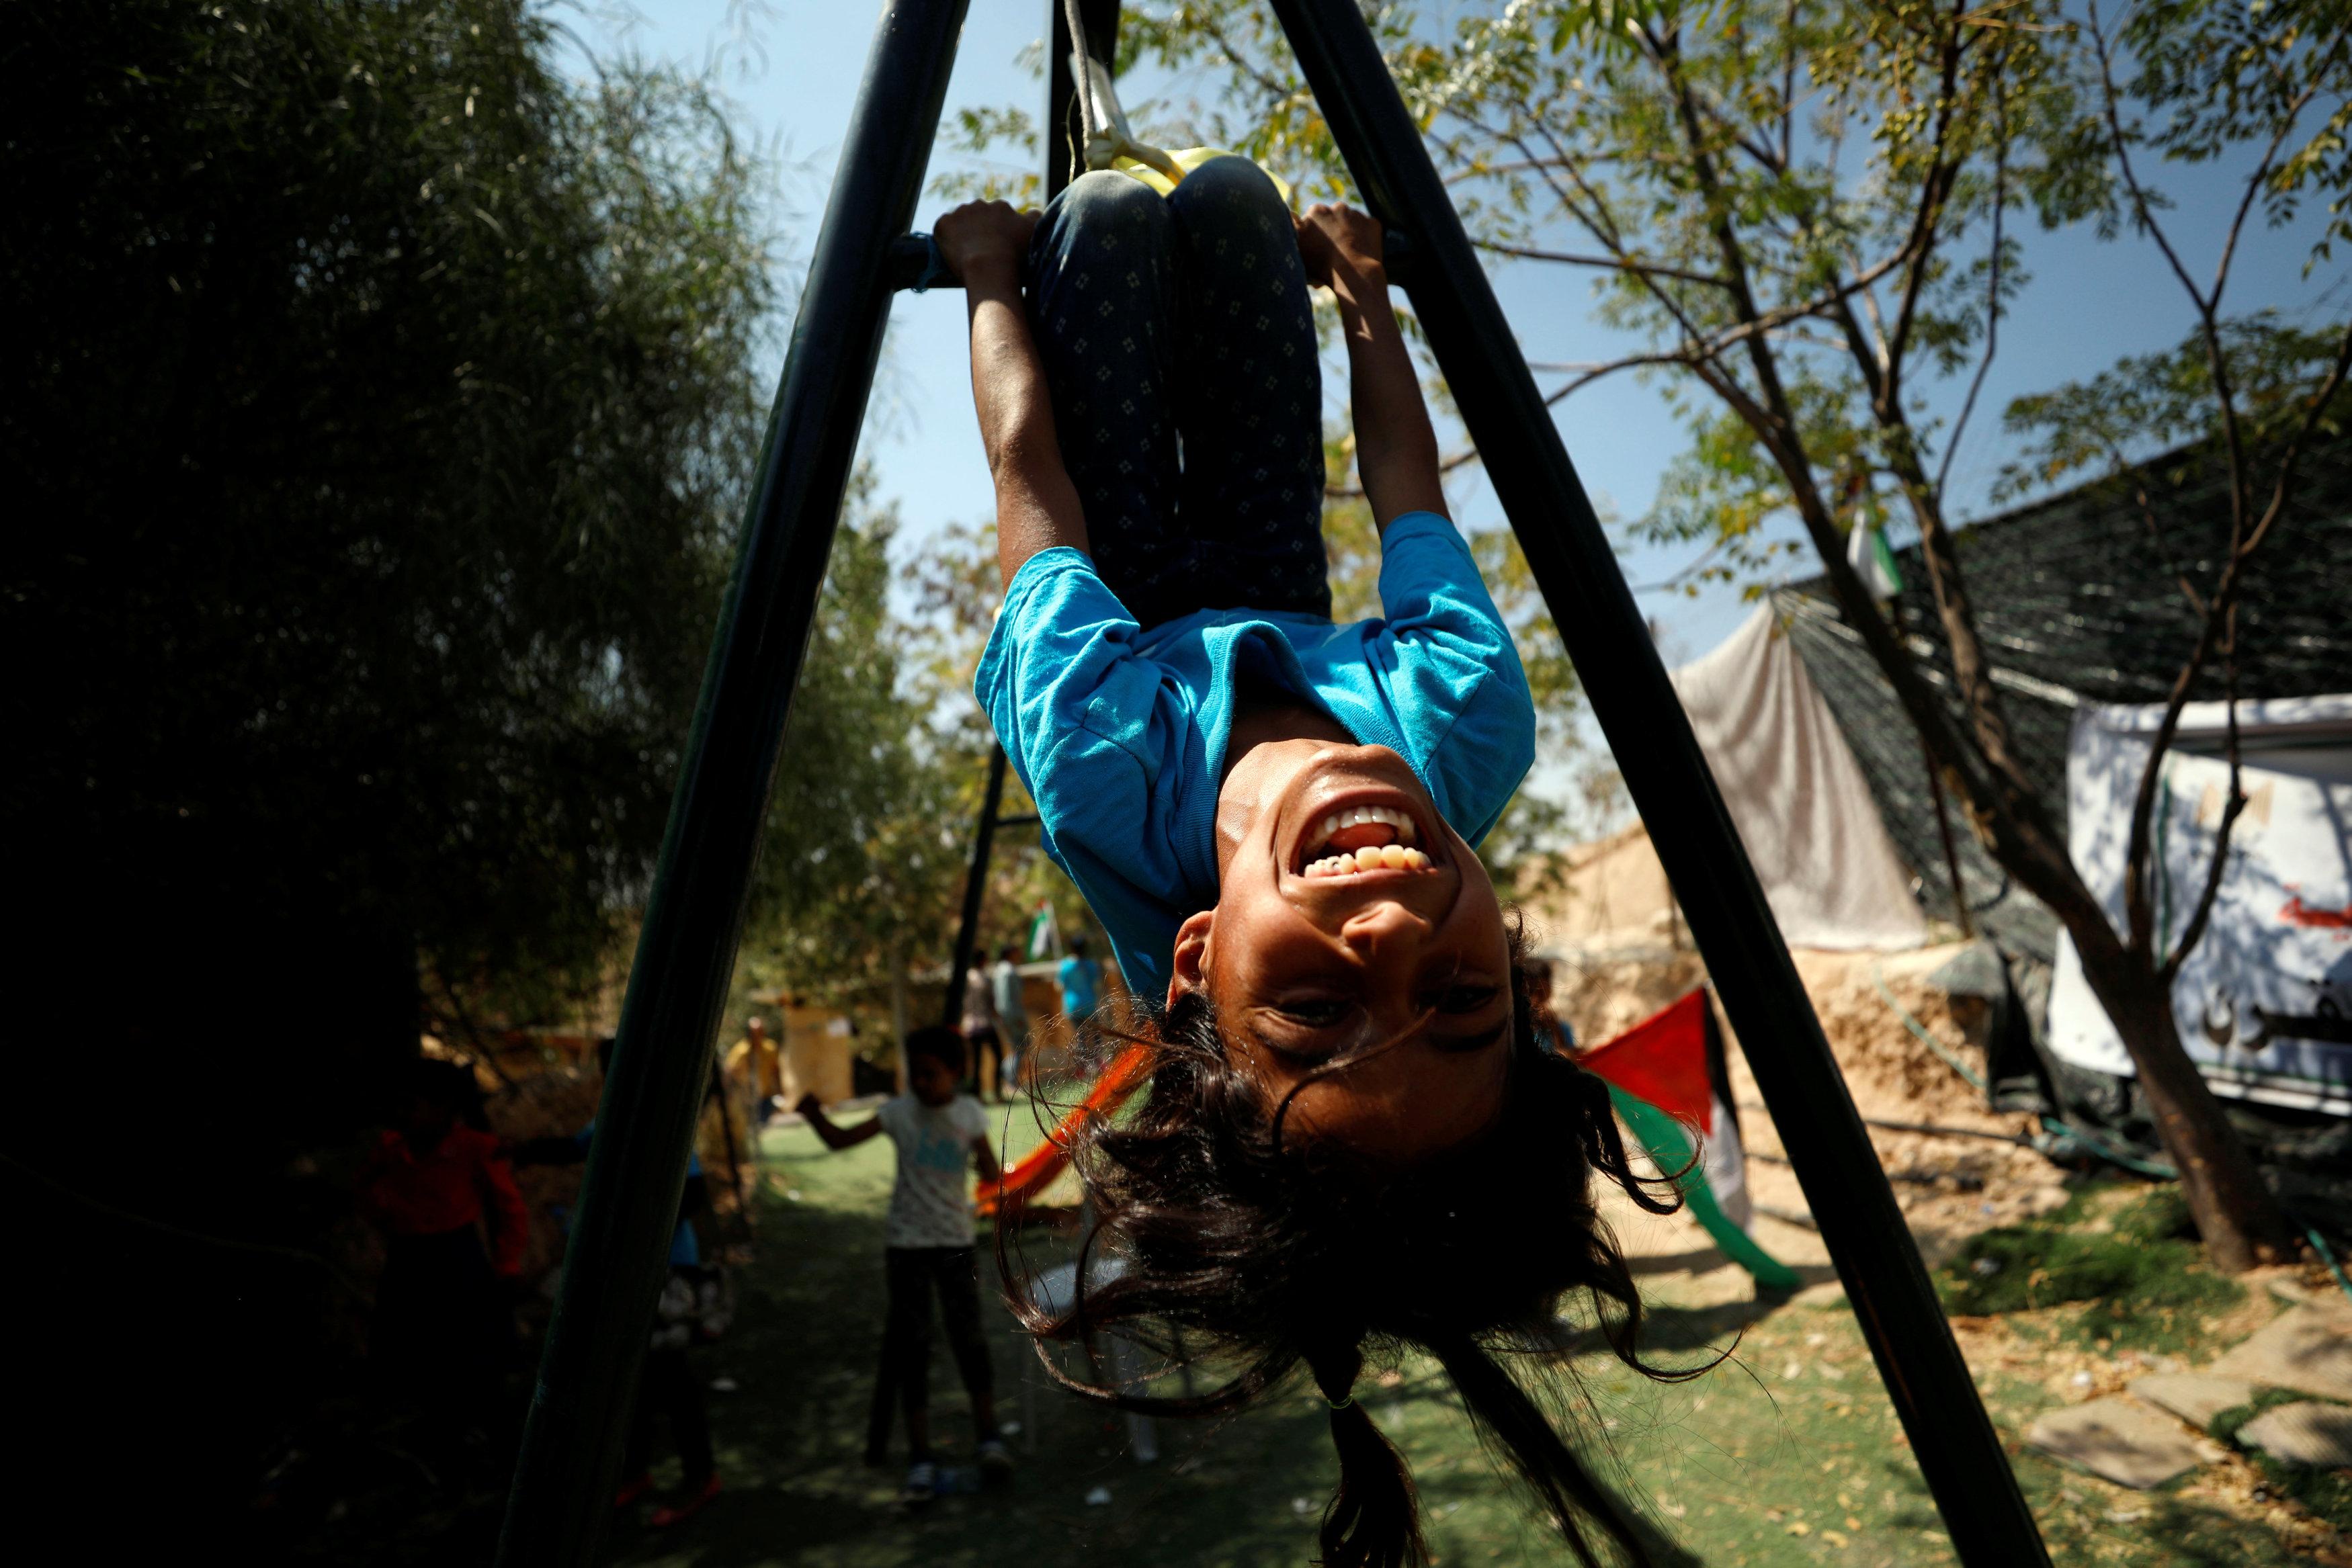 طفلة فلسطينية تلعب داخل القرية